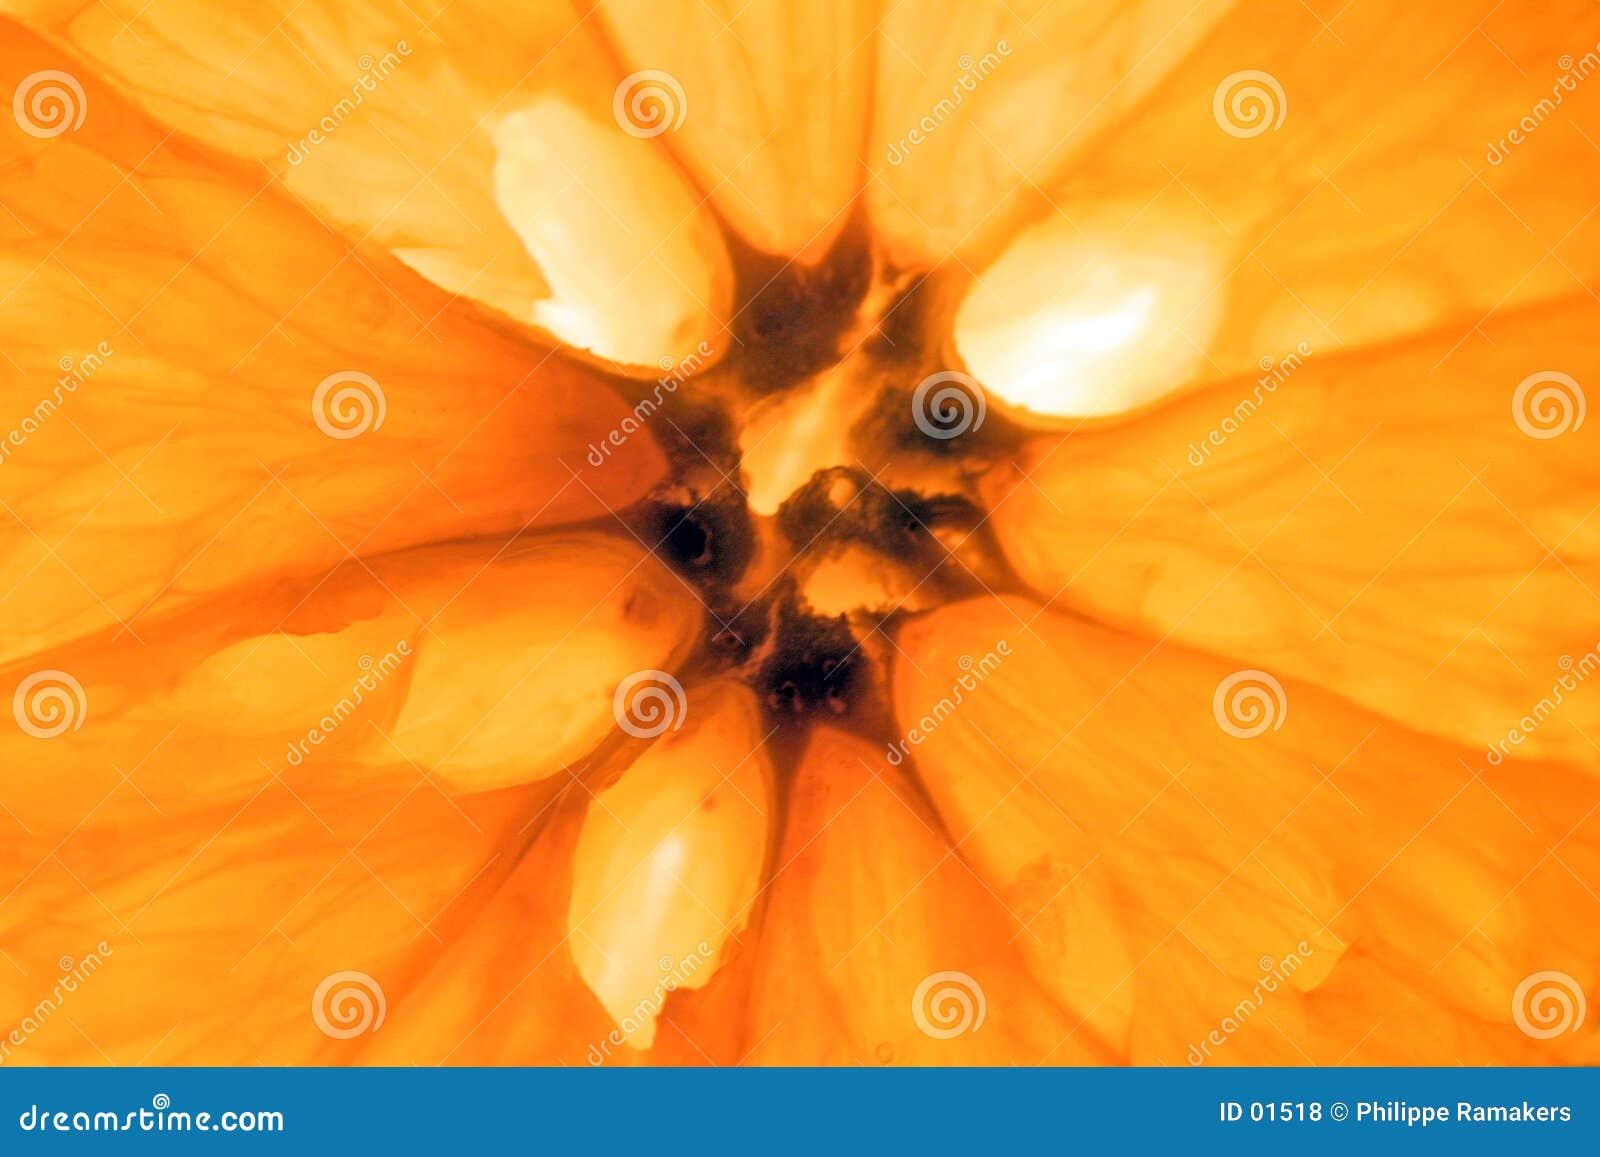 πορτοκάλι καρπού